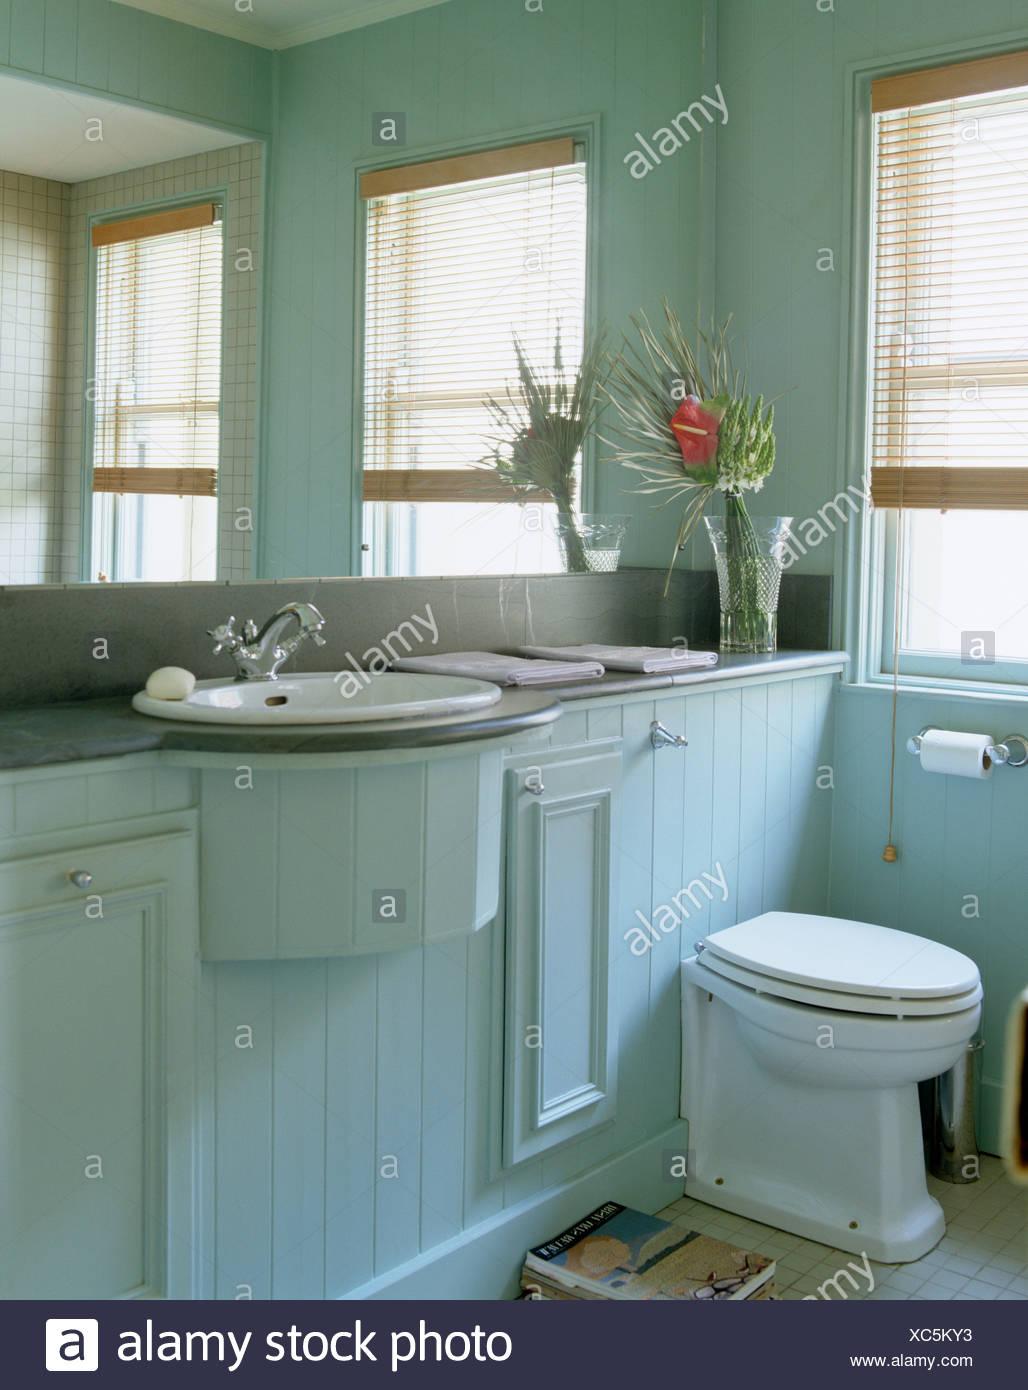 verspiegelte wand ber dem waschbecken und toilette im zunge nut get felten waschtischunterbau. Black Bedroom Furniture Sets. Home Design Ideas